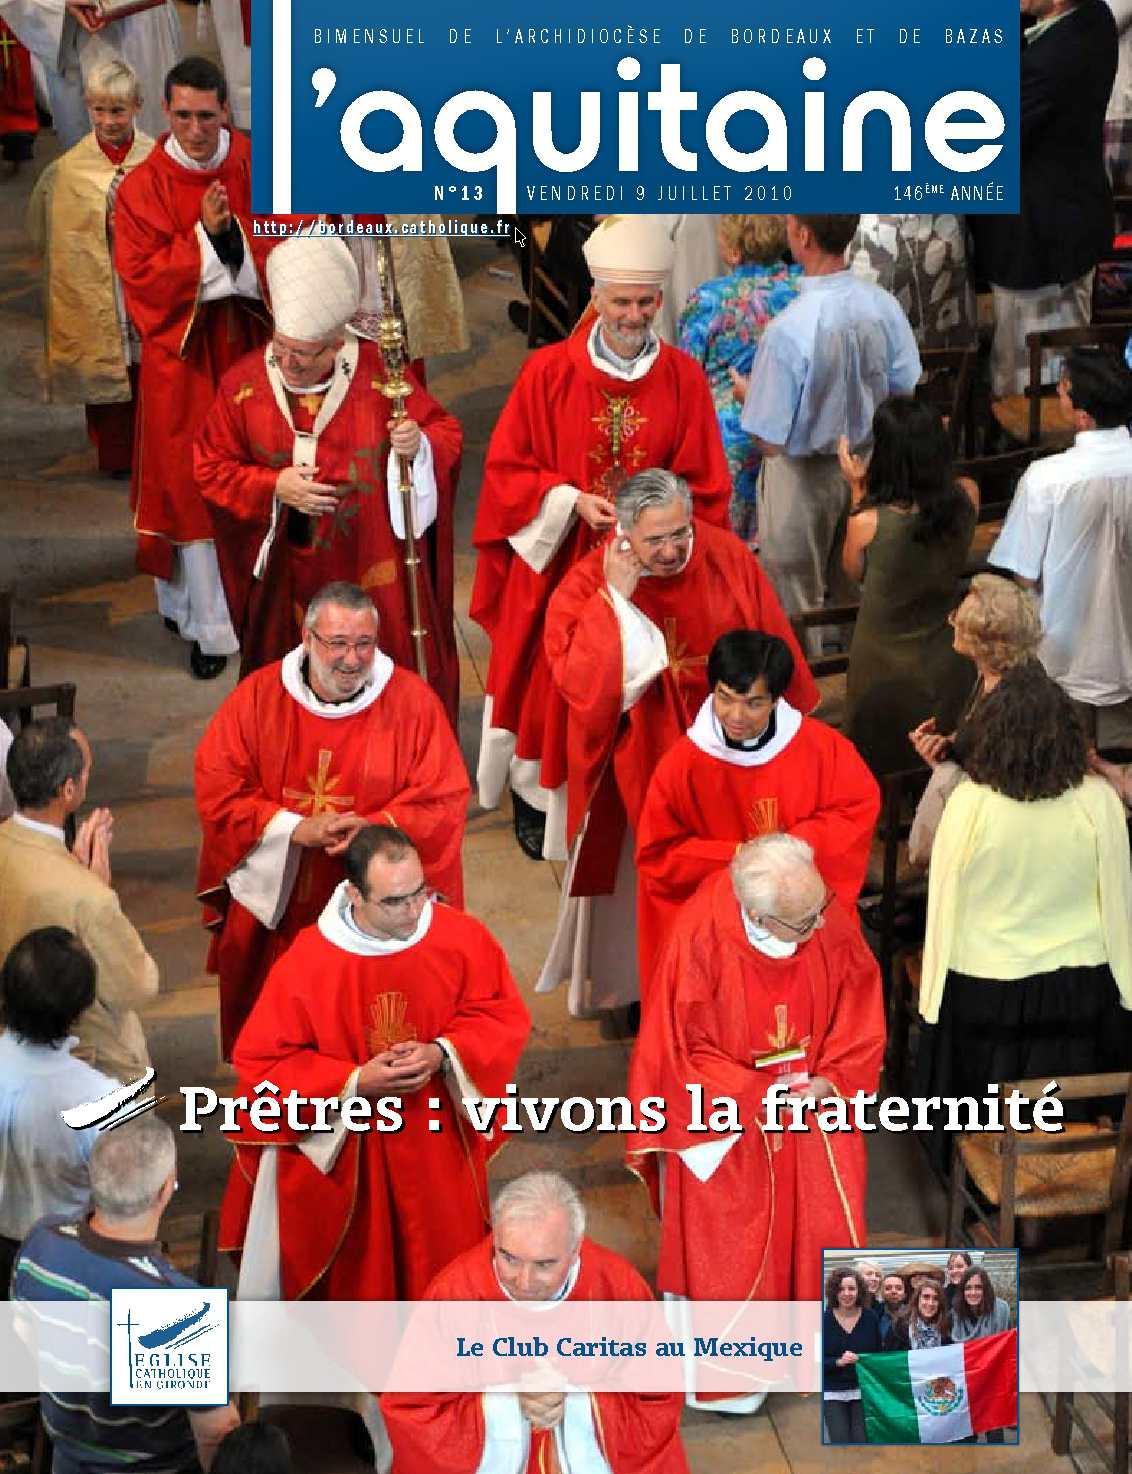 Calam o 2010 13 l 39 aquitaine juillet 2010 le journal des catholique - Le journal de bordeaux ...